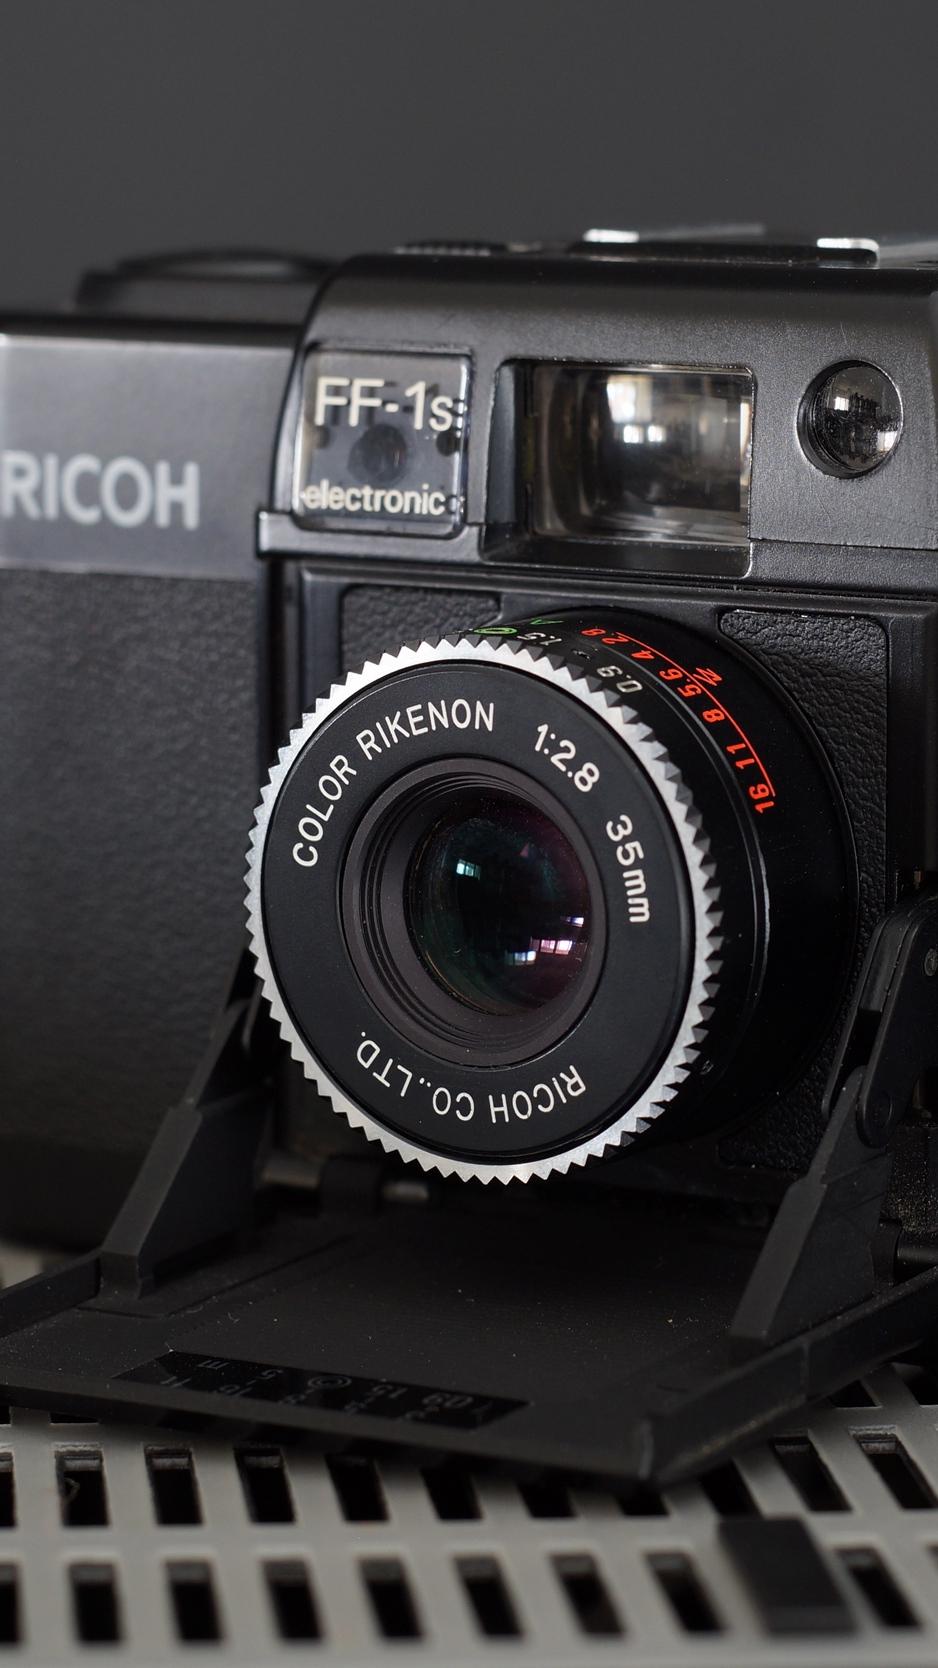 Download wallpaper 938x1668 ricoh ff 1s camera lens iphone 87 938x1668